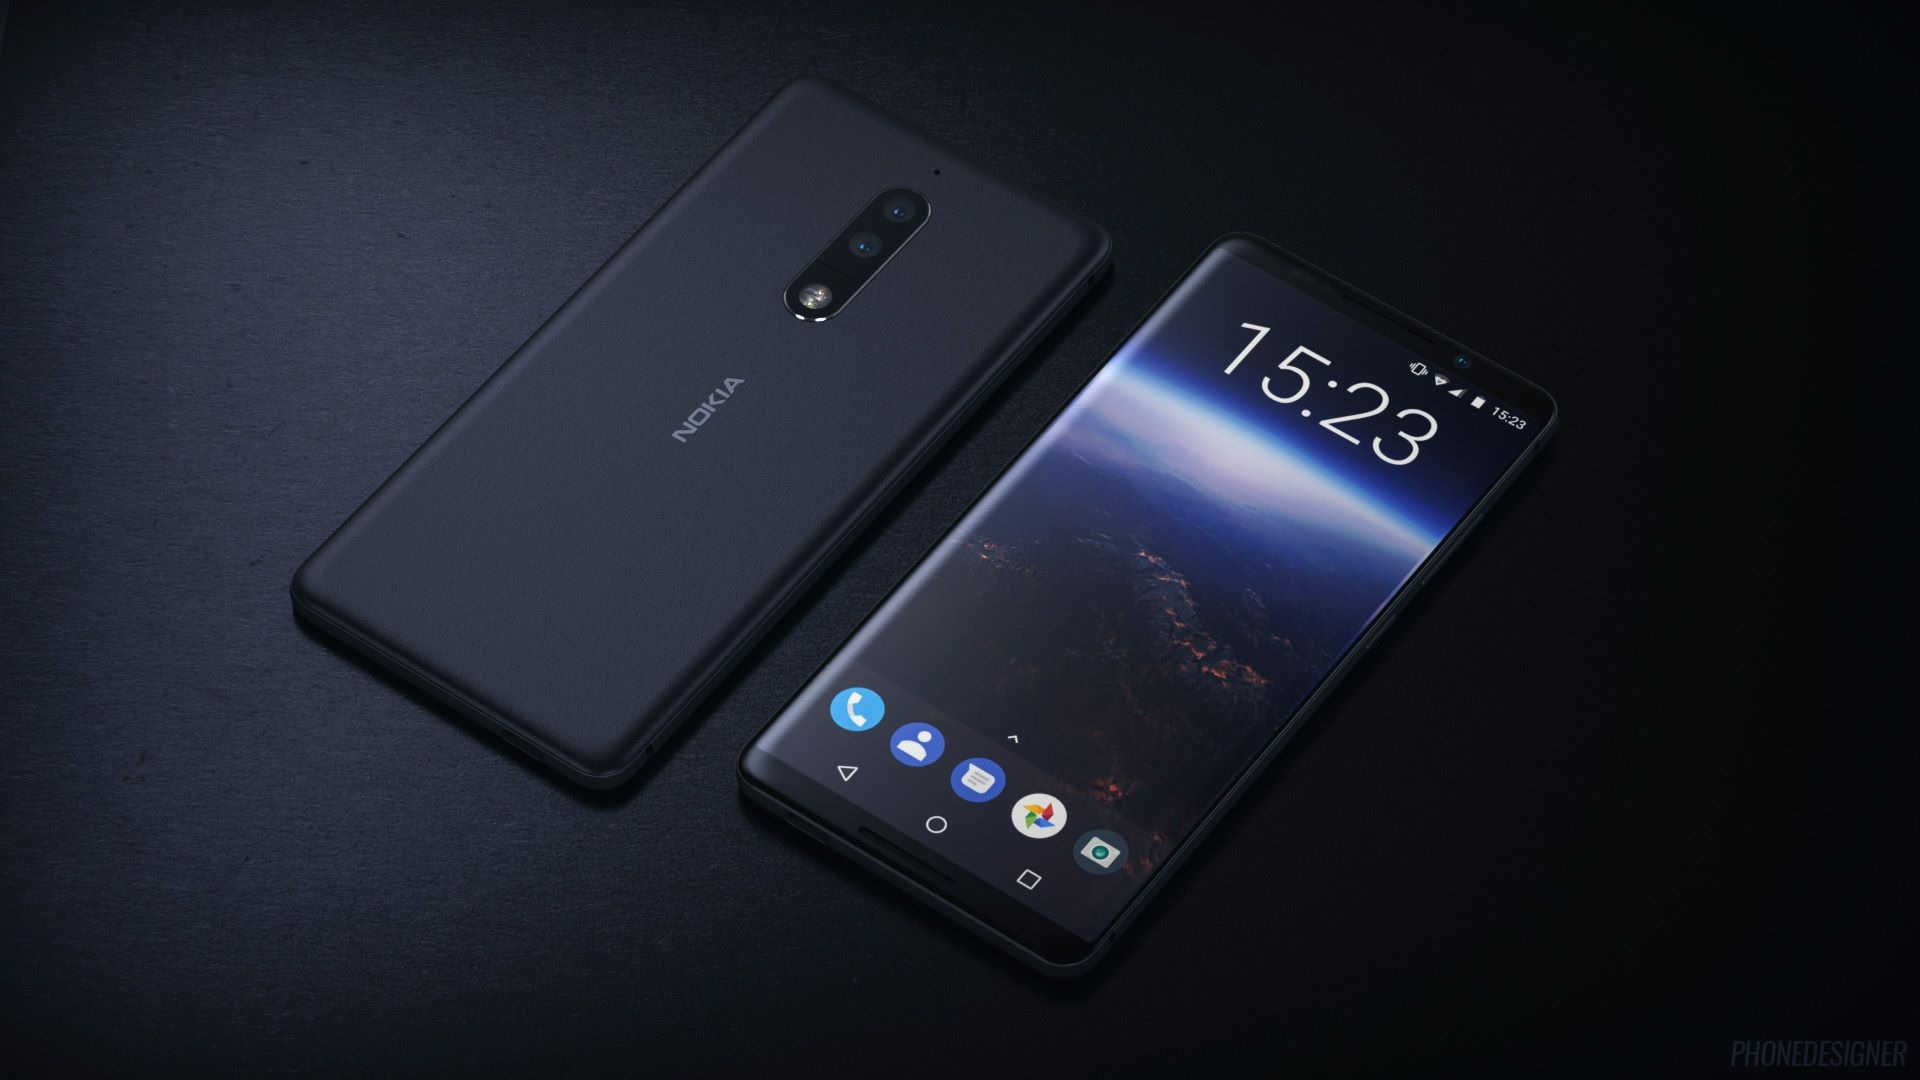 Nokia 9 vendrá con Android 8.0 Oreo de serie